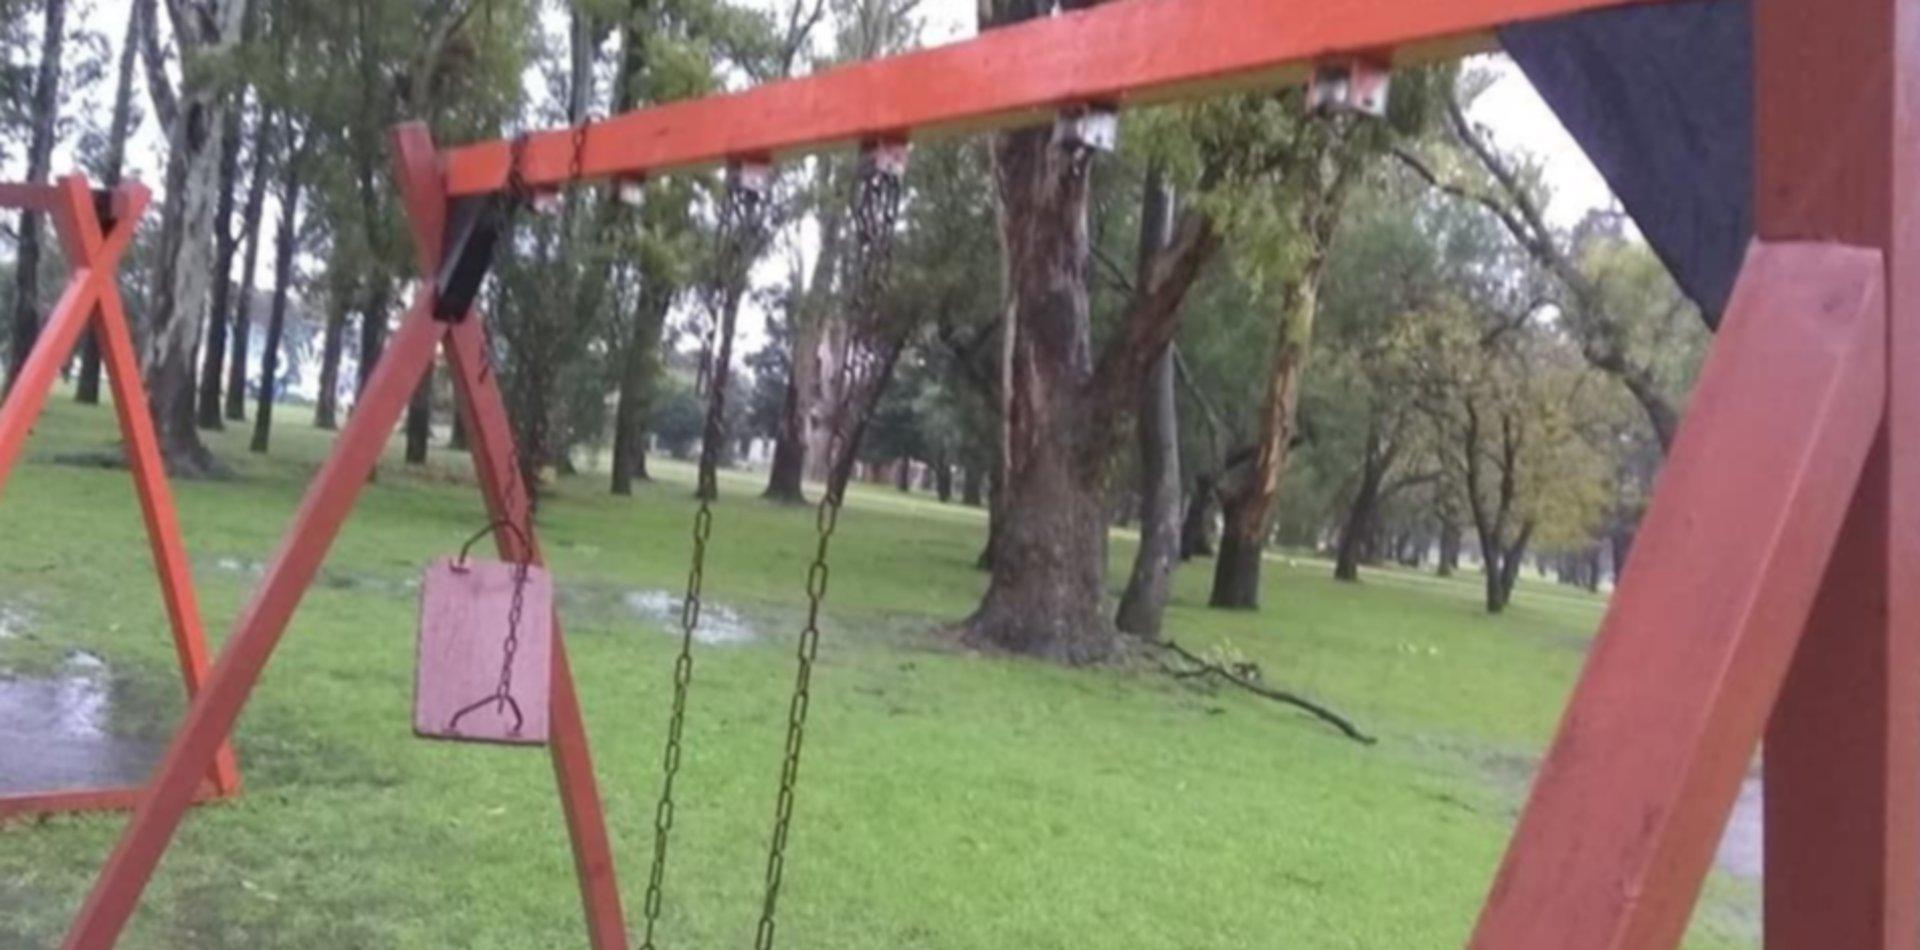 Aprovecharon la cuarentena y se robaron las hamacas y un tobogán de una plaza de La Plata